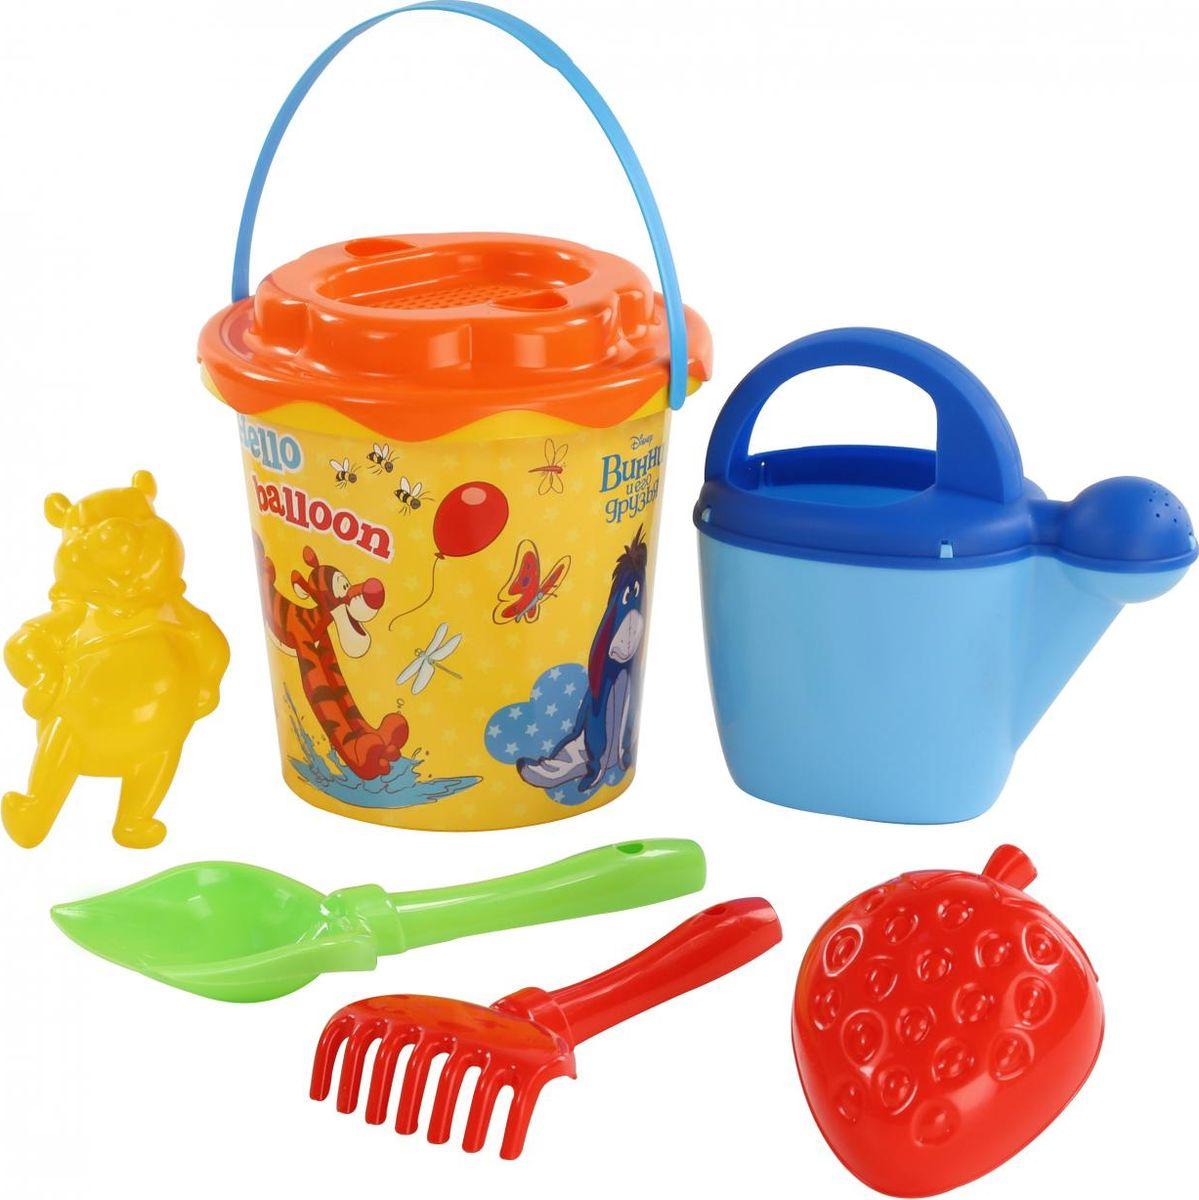 Disney Набор игрушек для песочницы Винни и его друзья №12, цвет в ассортименте disney набор игрушек для песочницы винни и его друзья 4